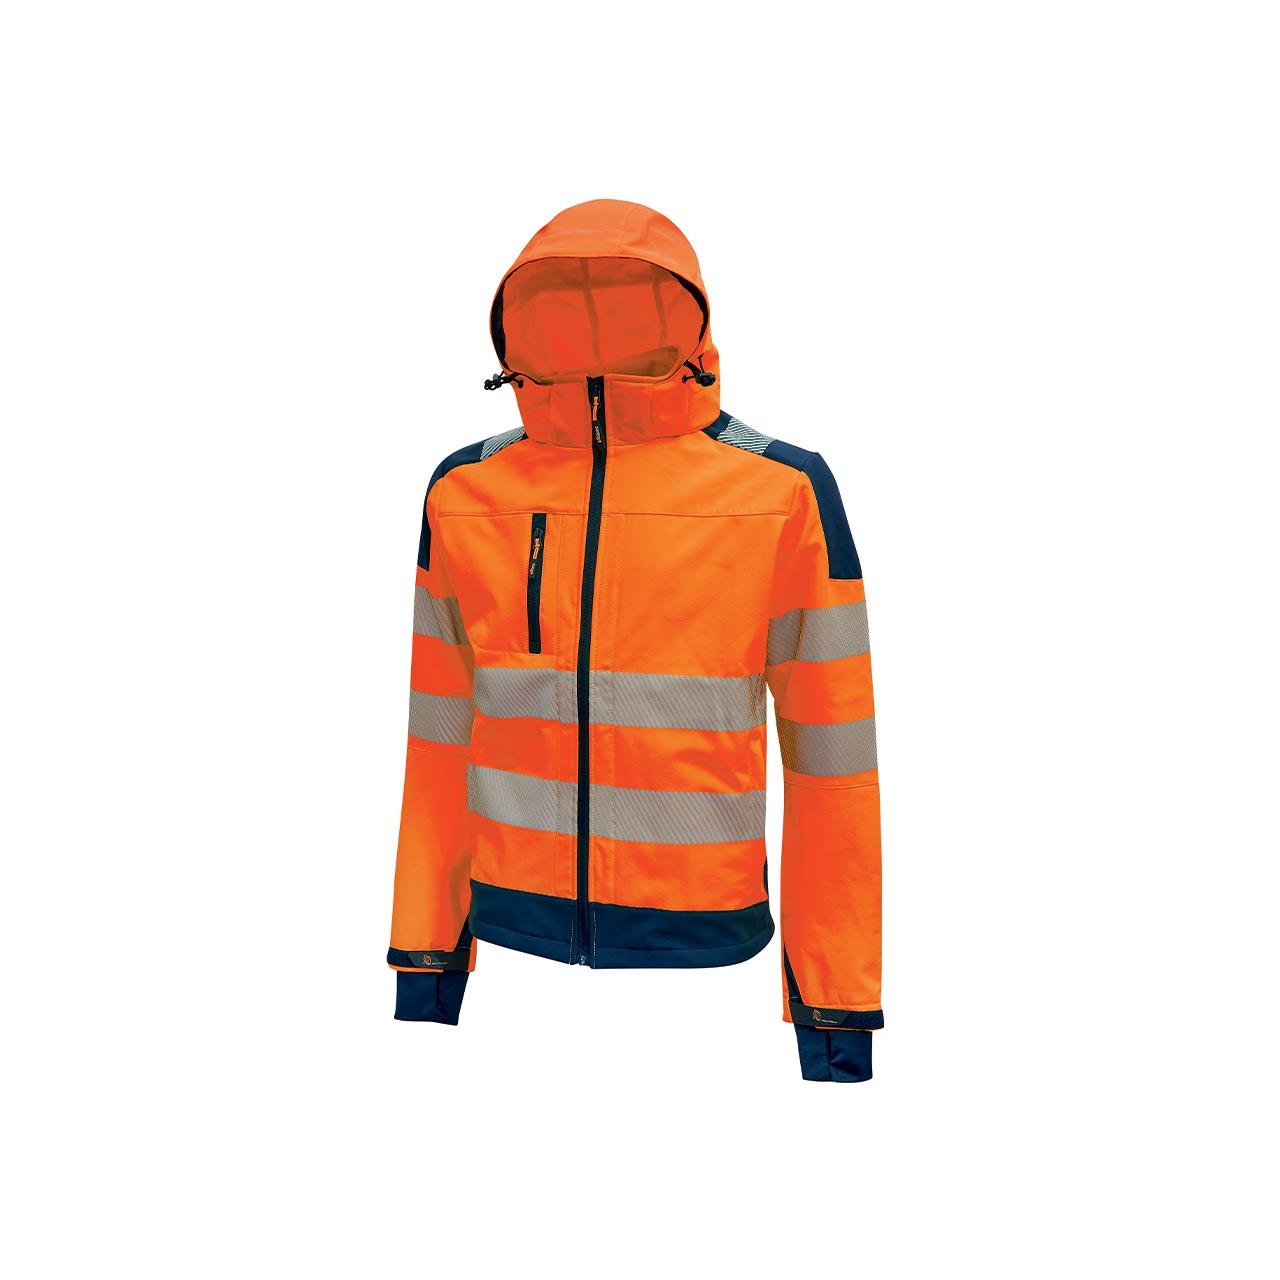 giacca da lavoro upower modello miky colore orange fluo